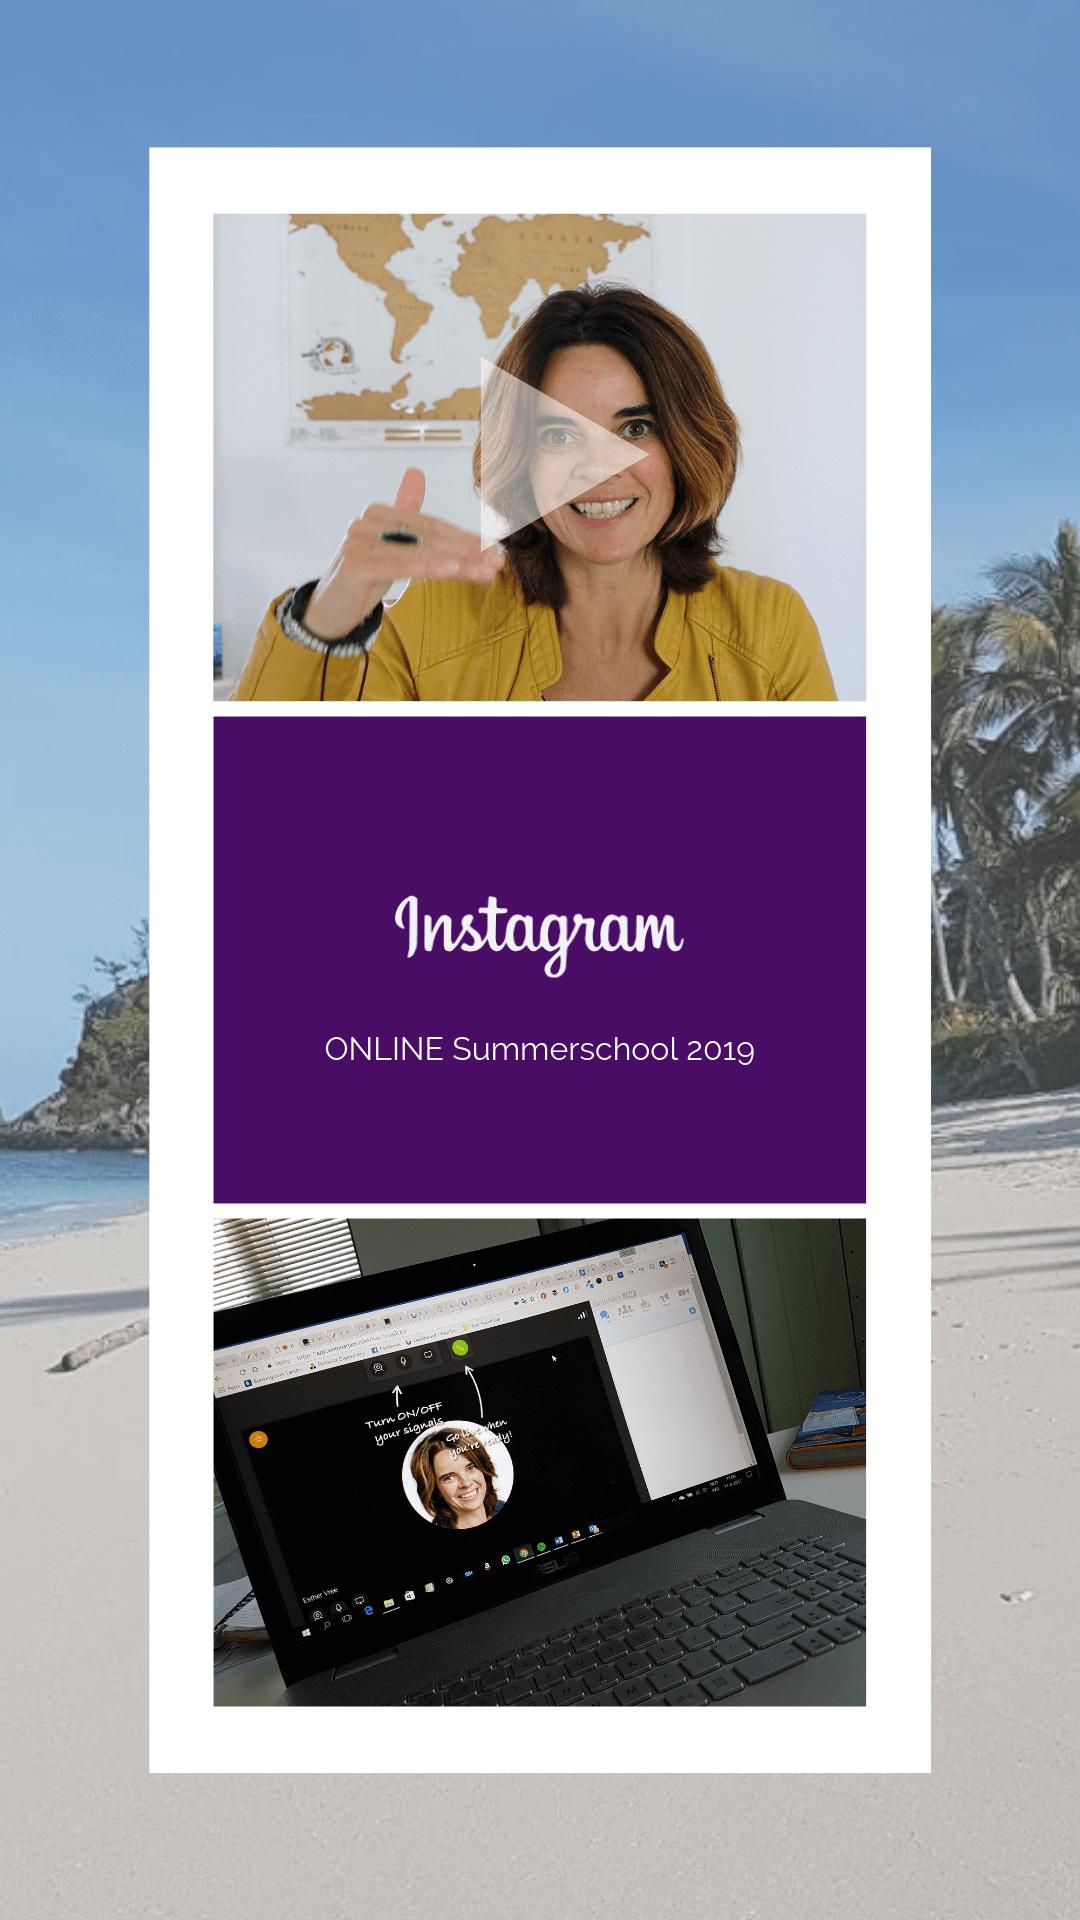 Instagram Summerschool online 2019